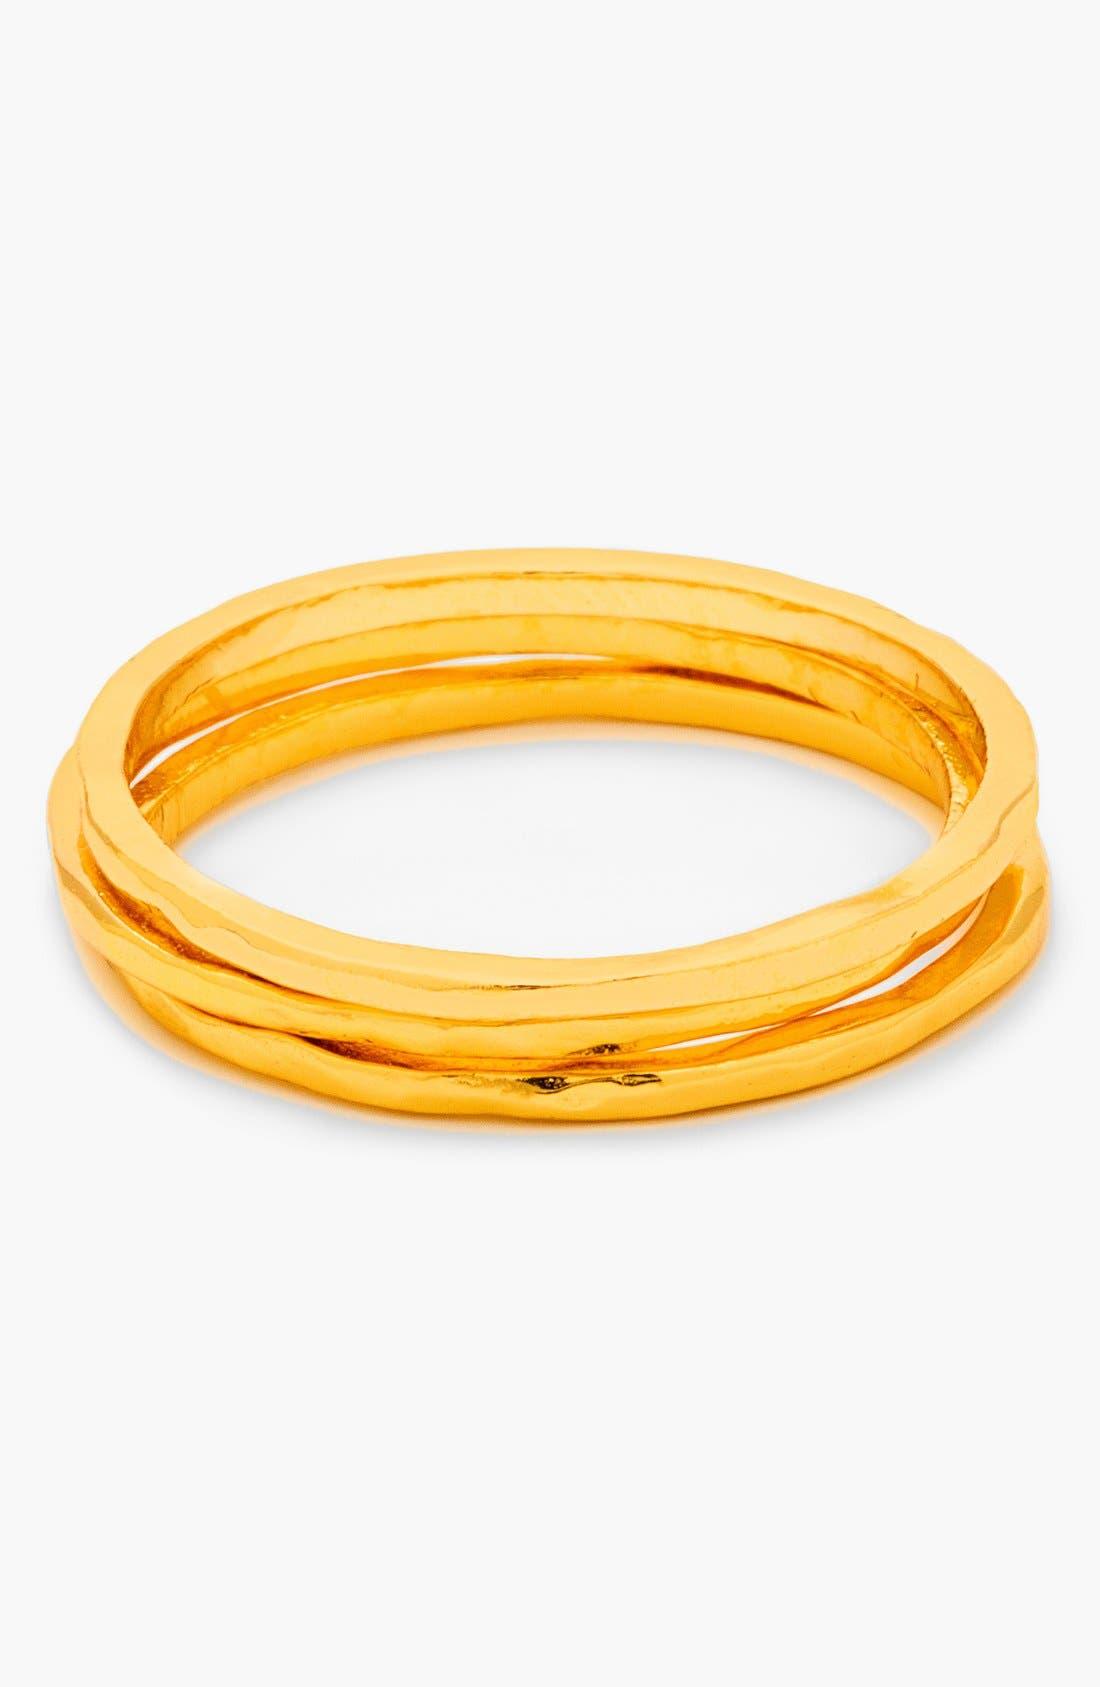 Alternate Image 1 Selected - gorjana 'G Ring' Hammered Stack Rings (Set of 3)